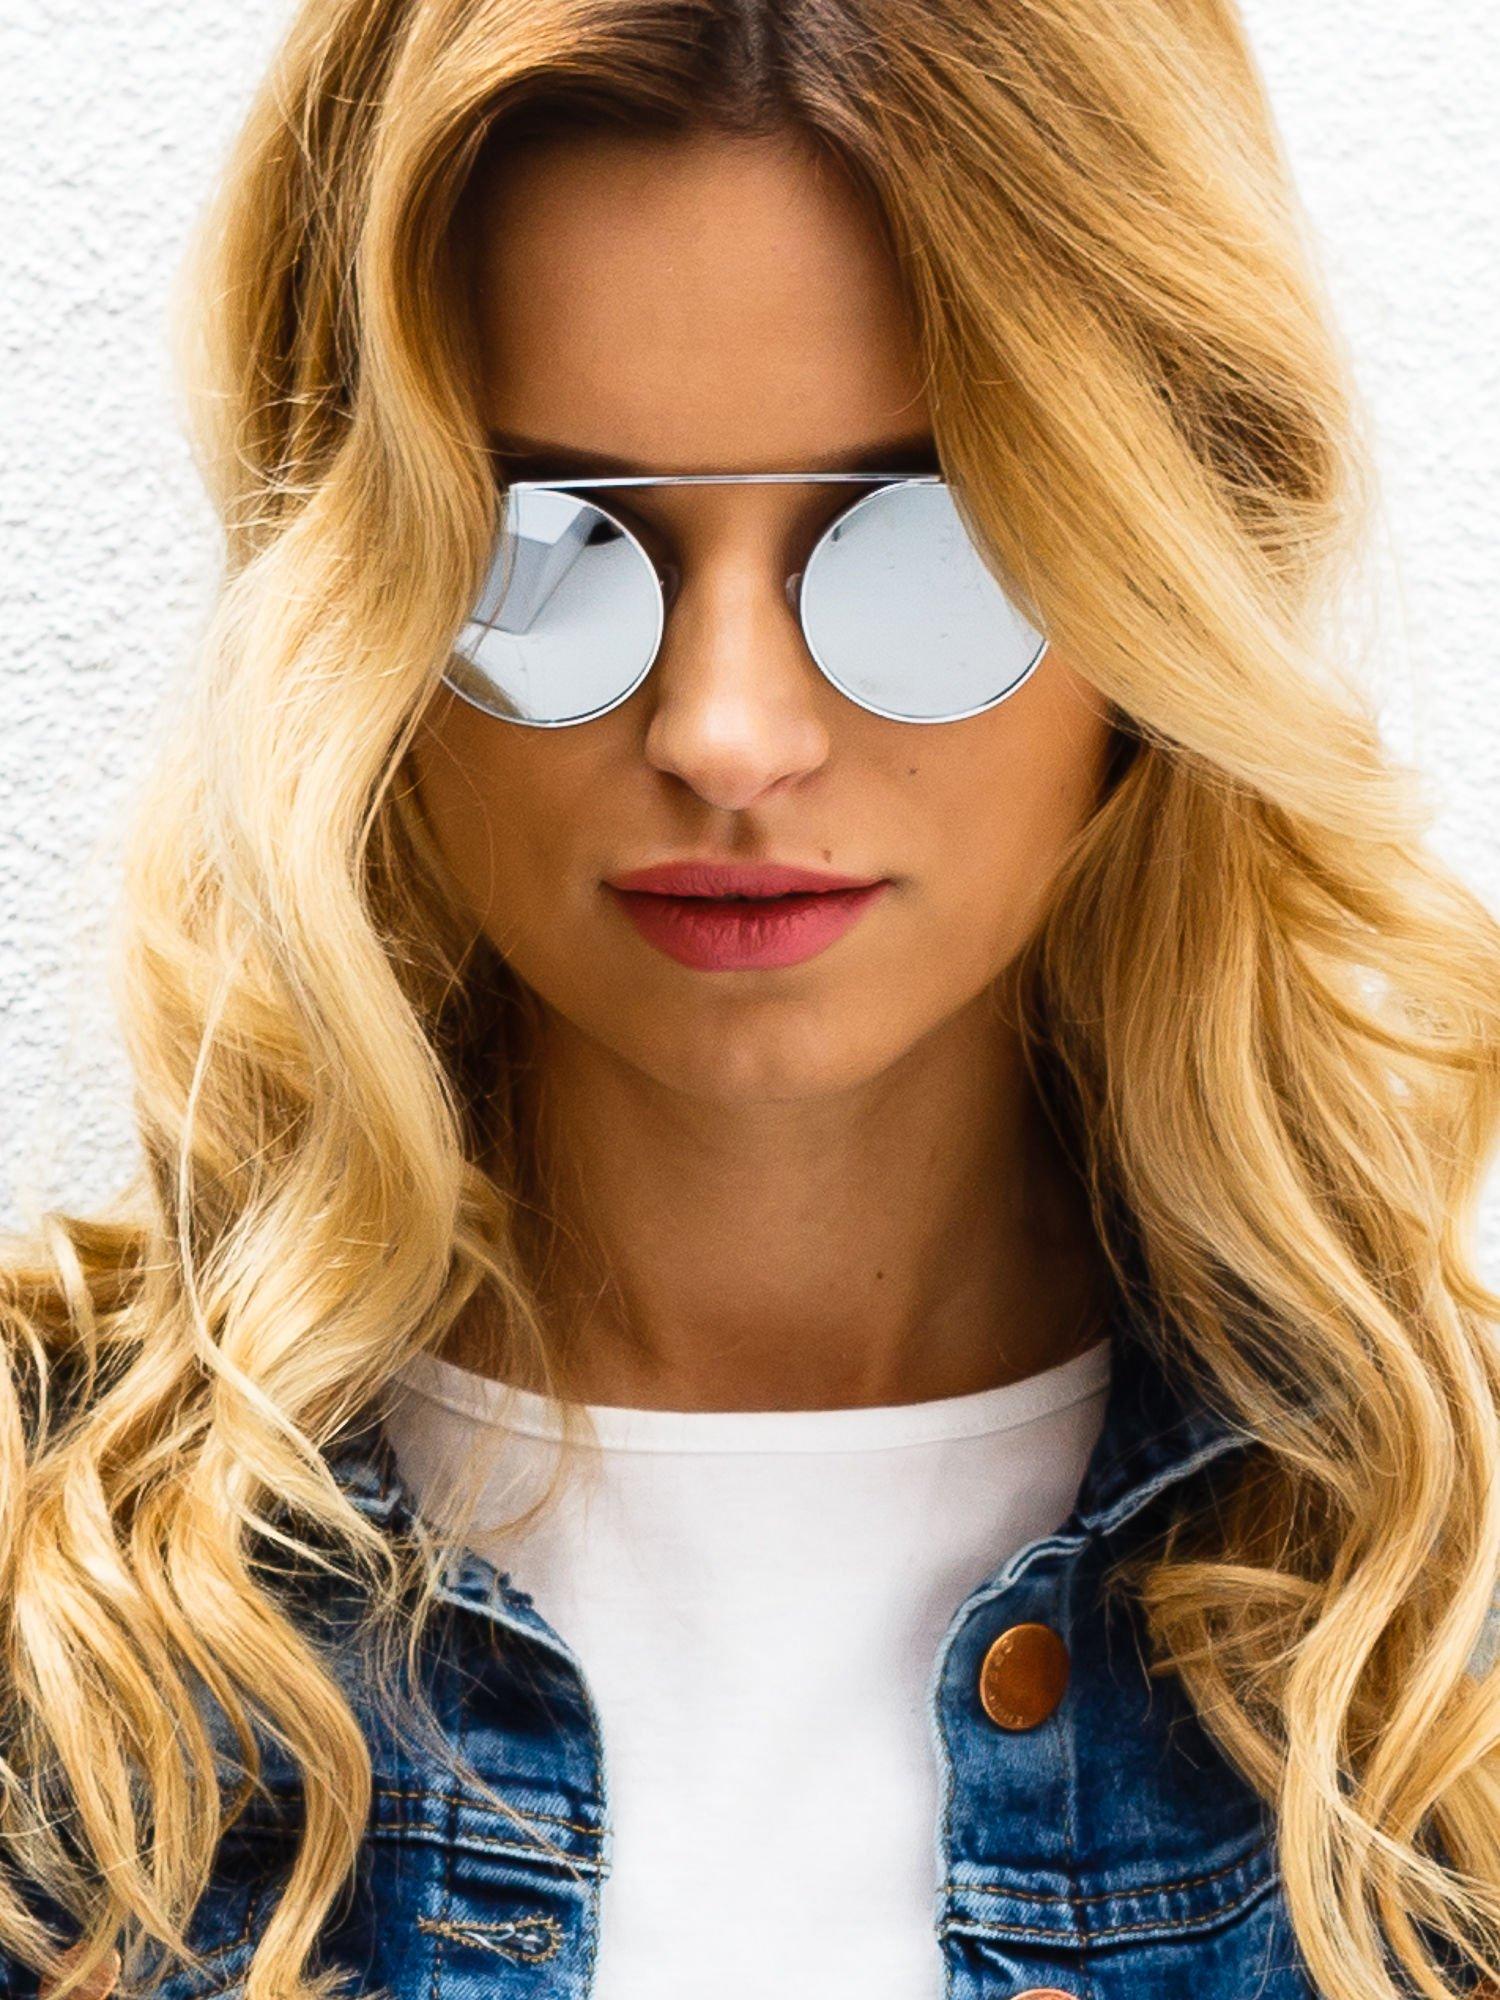 Srebrne okulary przeciwsłoneczne LENONKI lustrzanka                                  zdj.                                  2